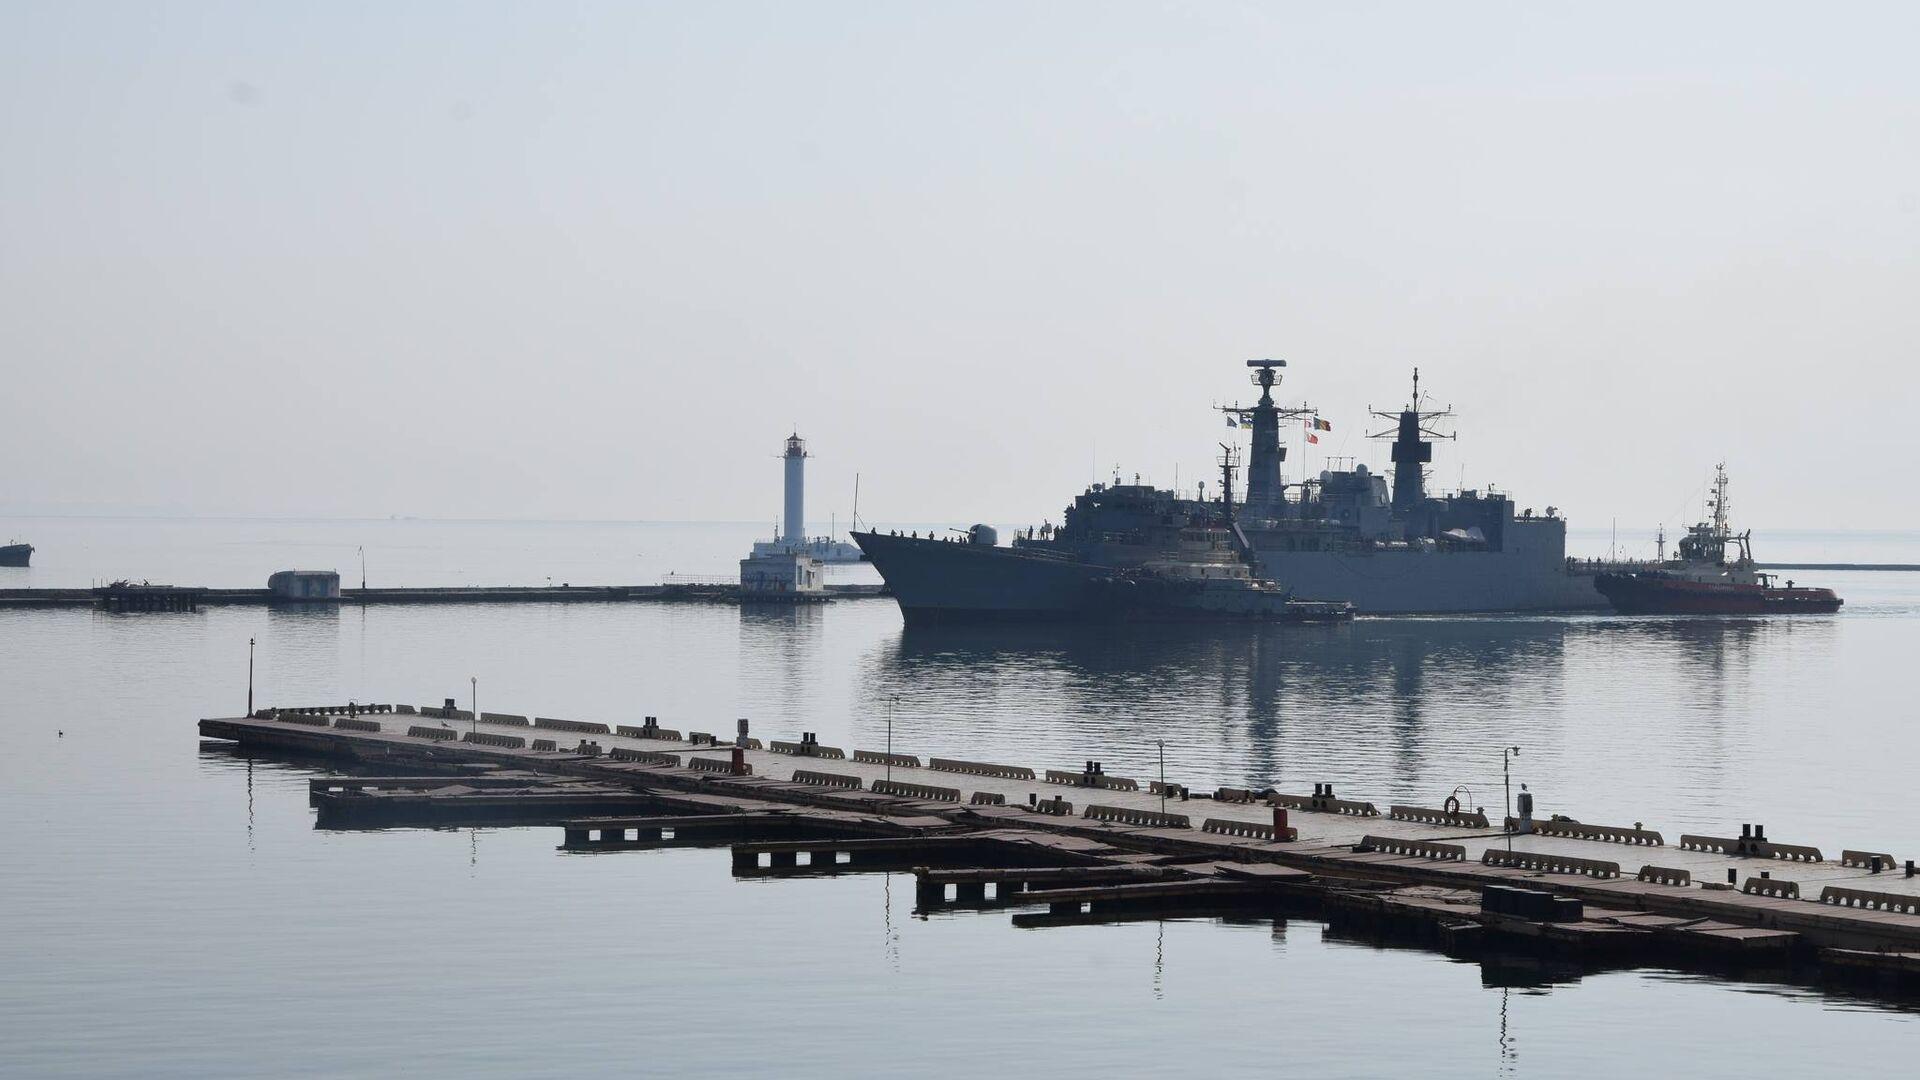 Корабли военно-морской группы НАТО в порту Одессы - РИА Новости, 1920, 27.08.2020